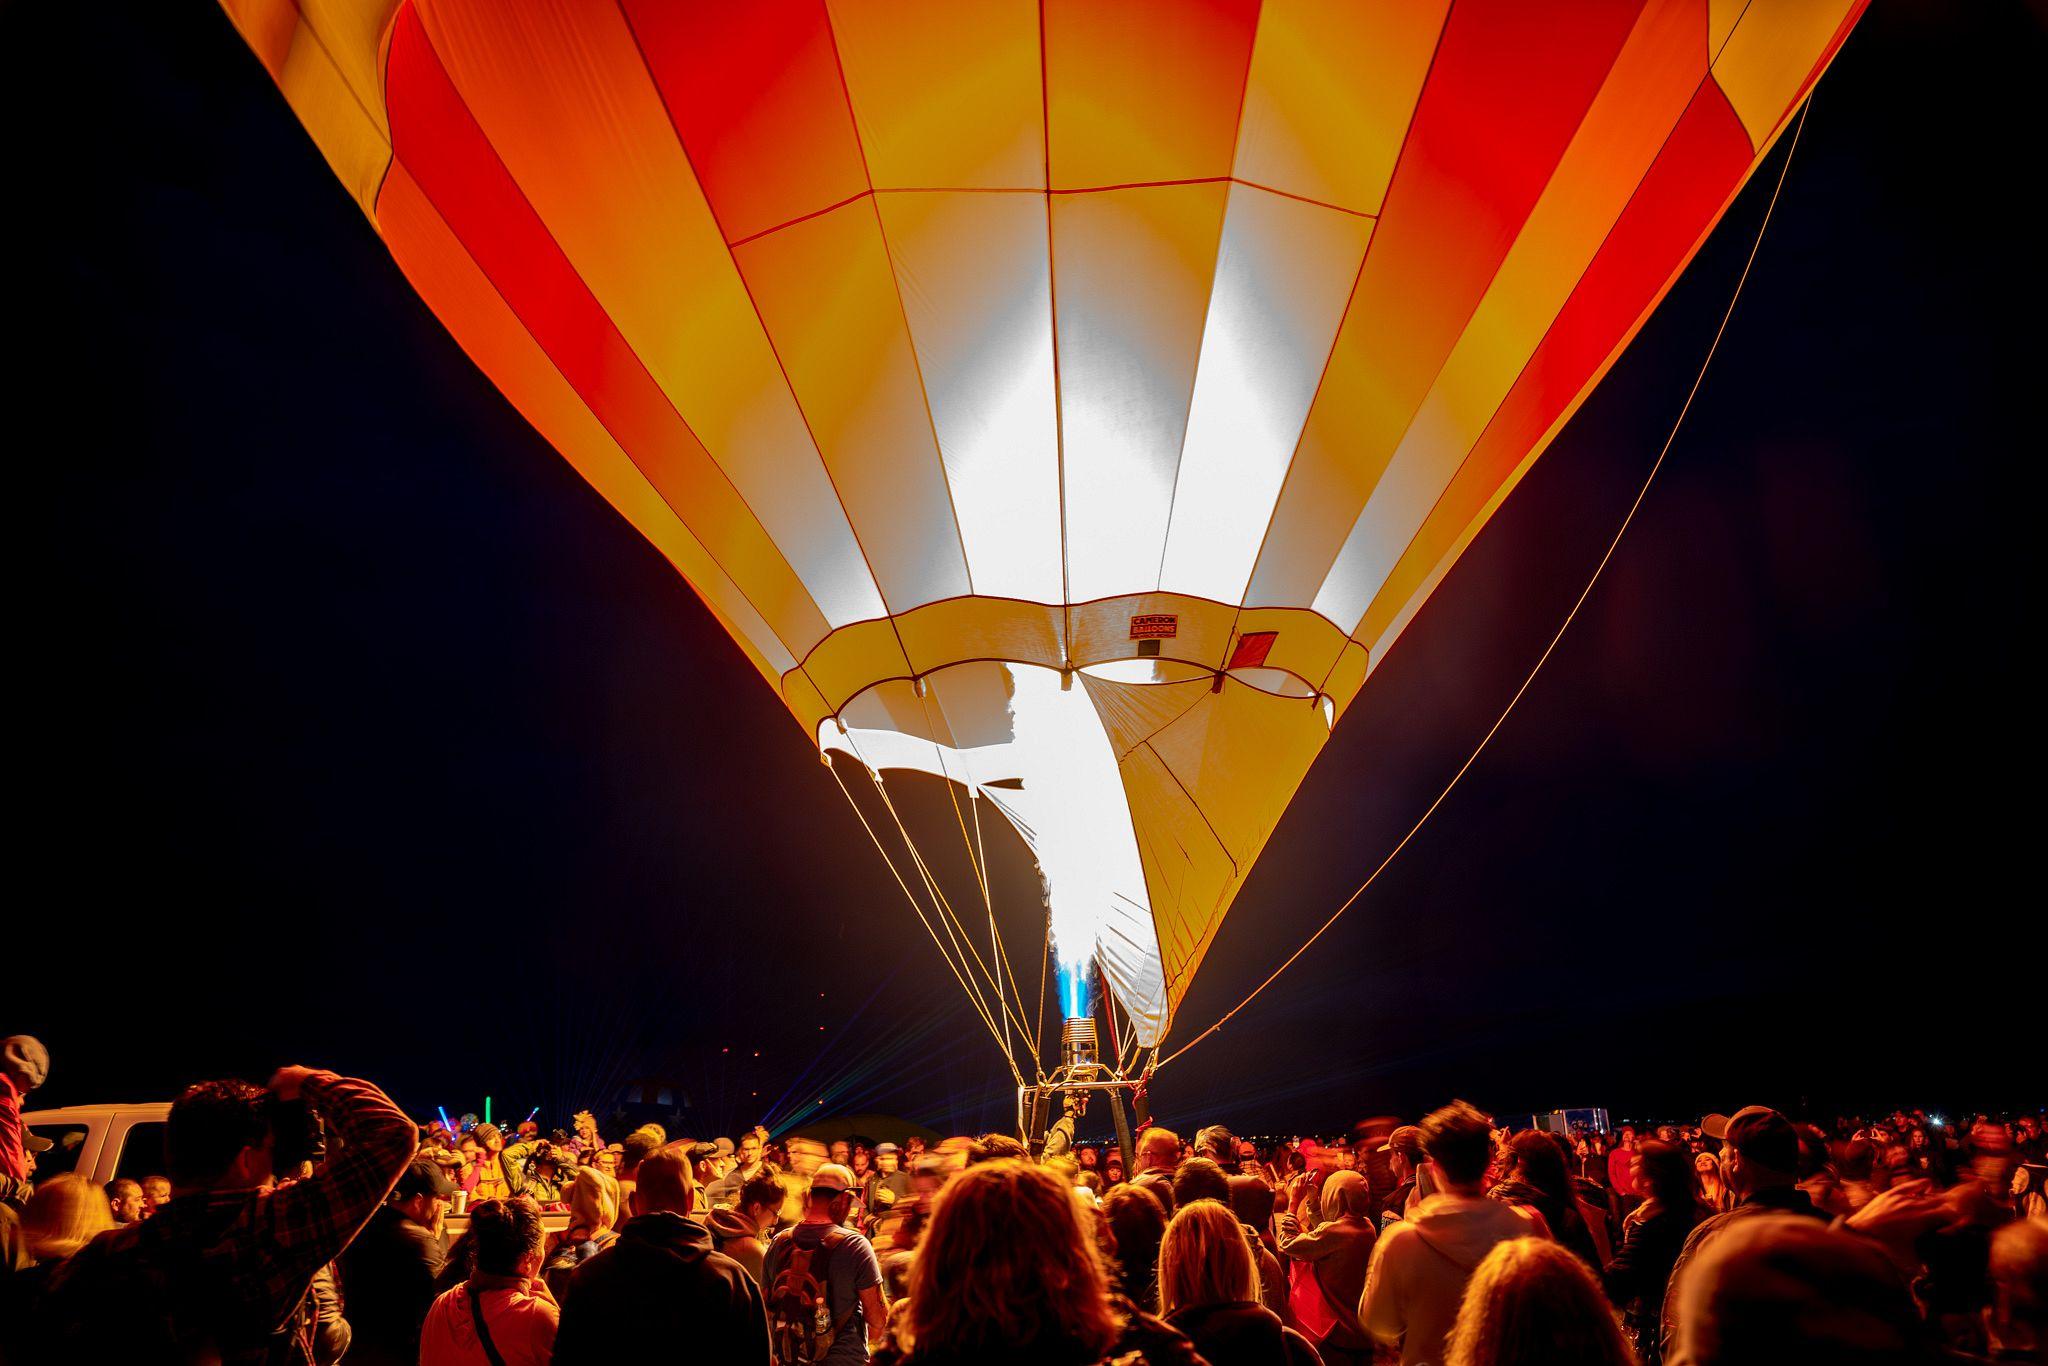 Evening Hot Air Balloon Glow